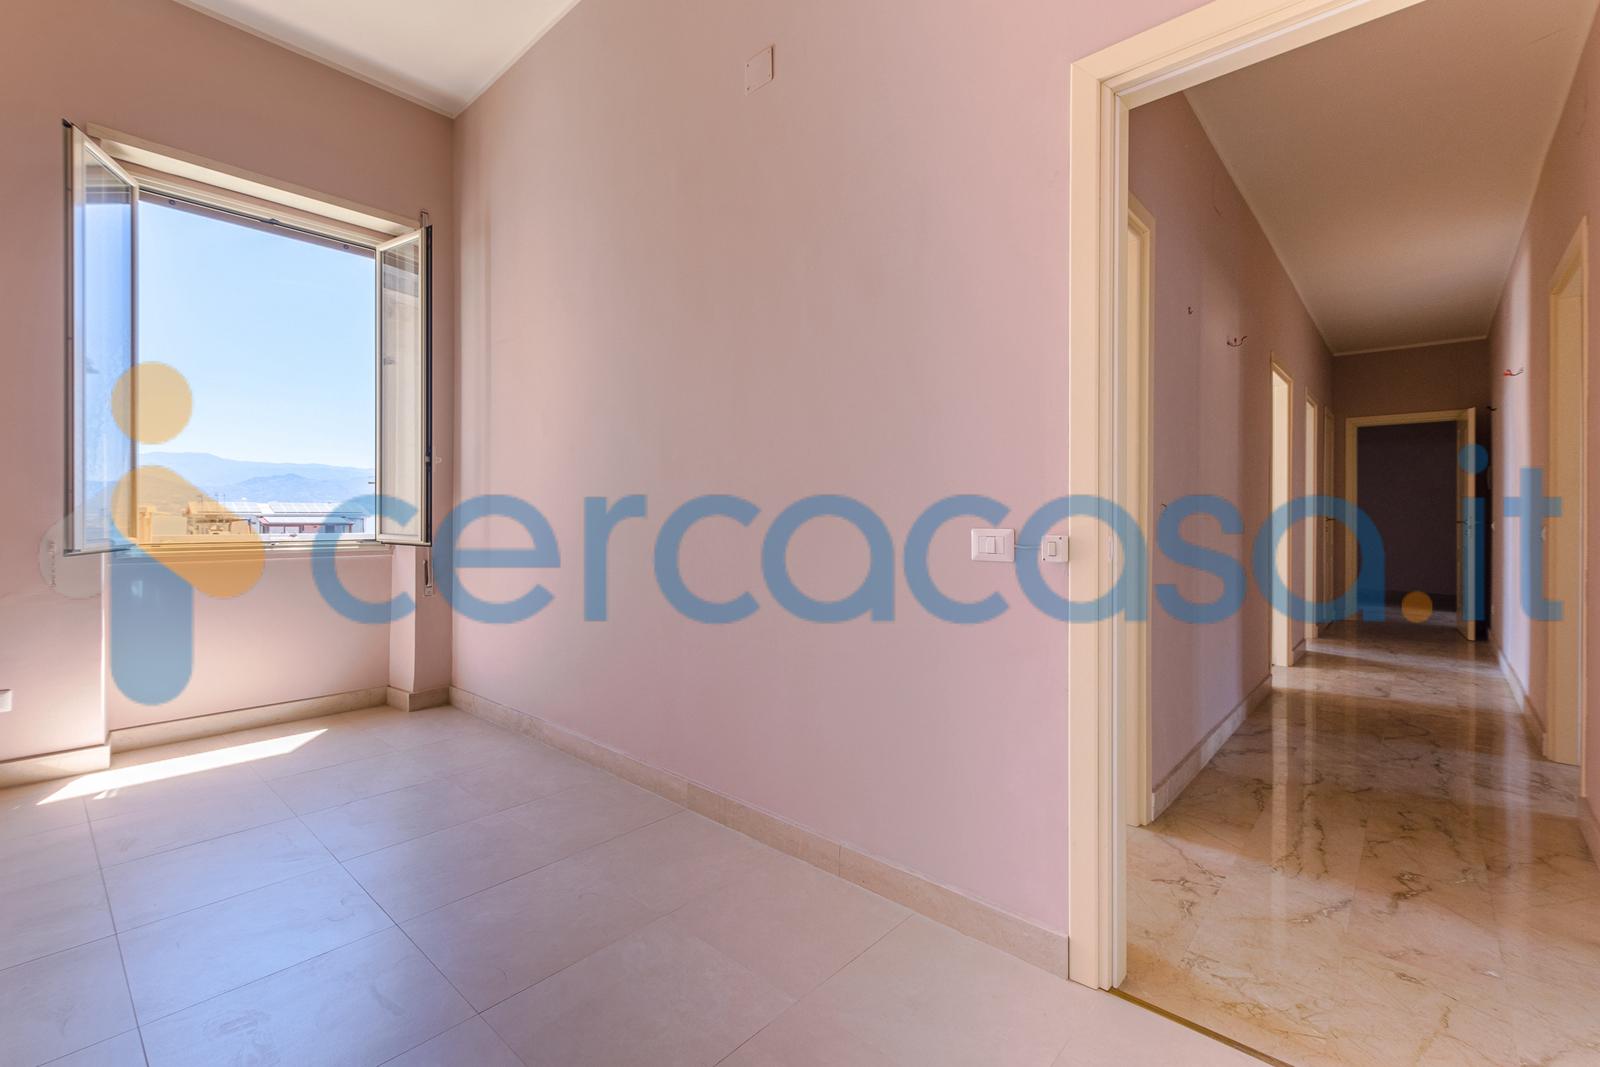 _messina-__002d-_via-_garibaldi__002c-vendita-elegante-pentavani-ultimo-piani